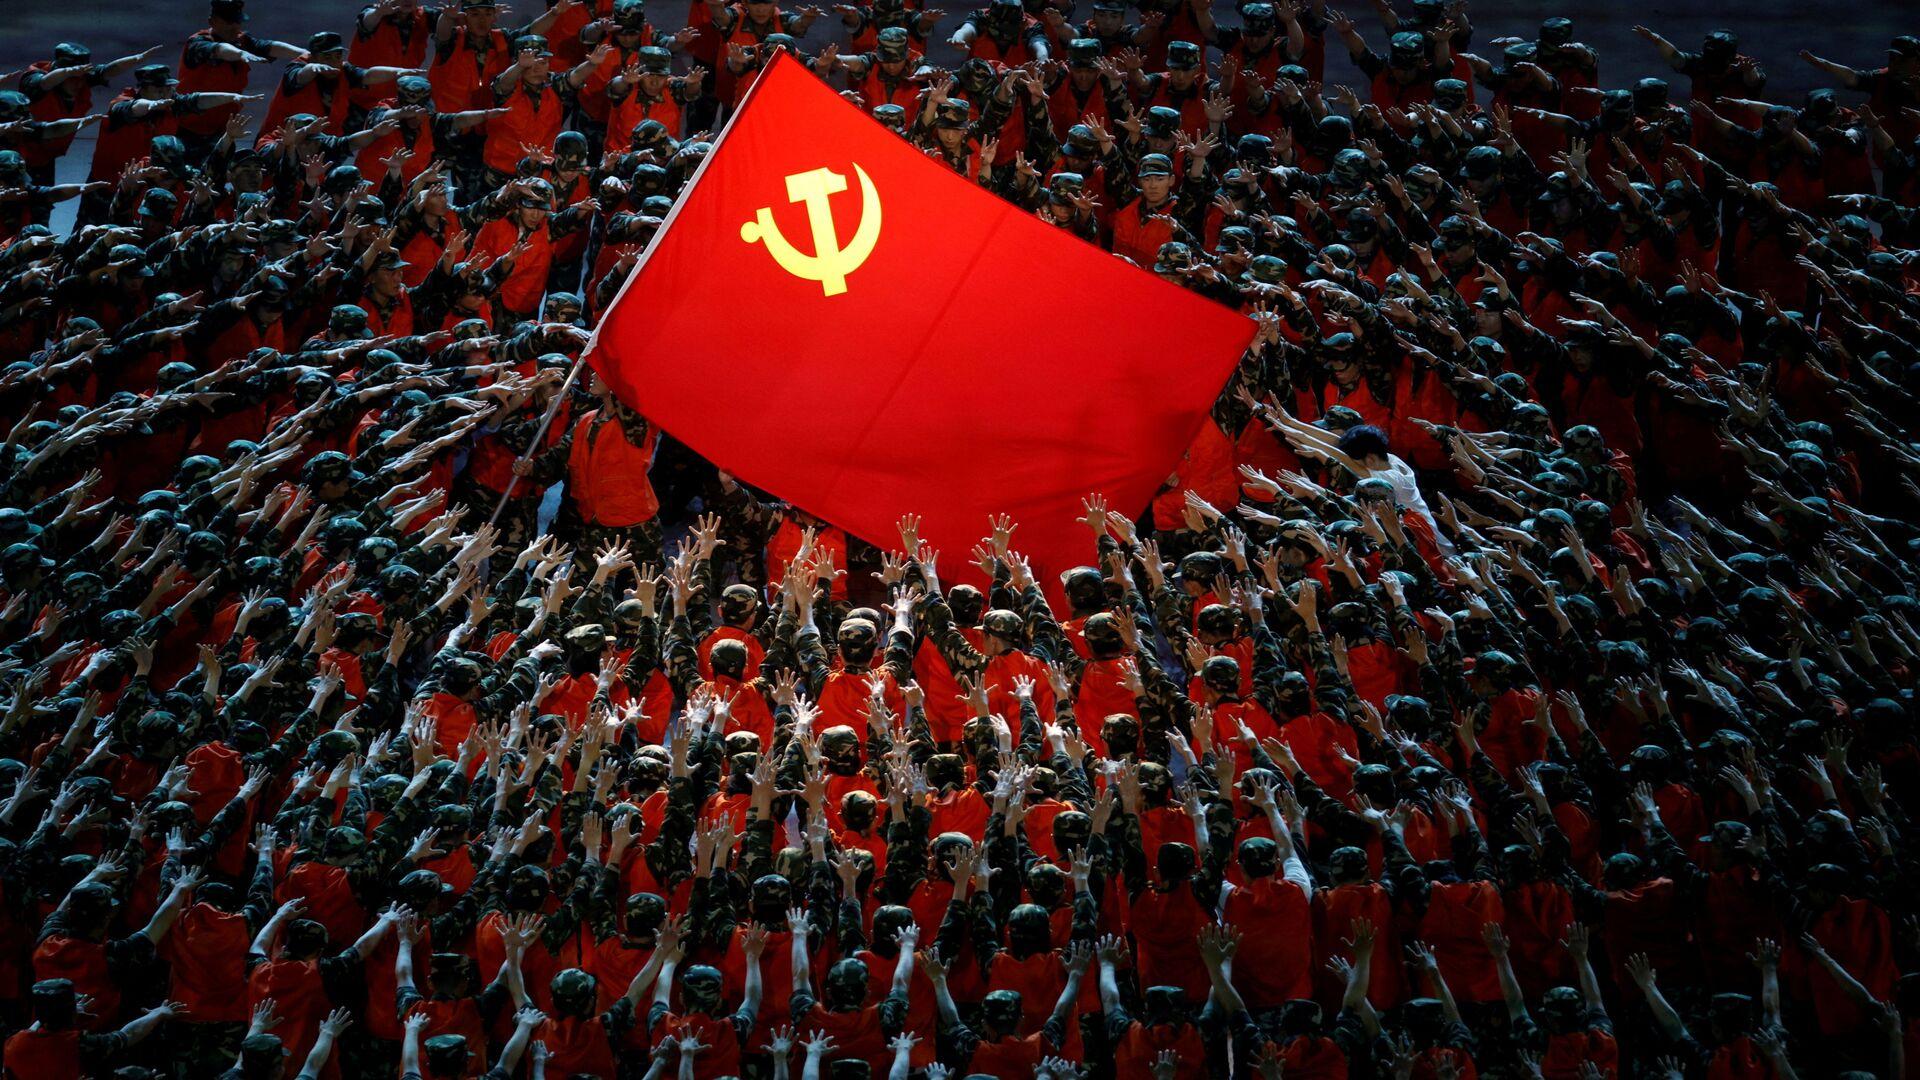 Шоу в честь 100-летия Коммунистической партии Китая в Пекине - Sputnik Узбекистан, 1920, 10.09.2021